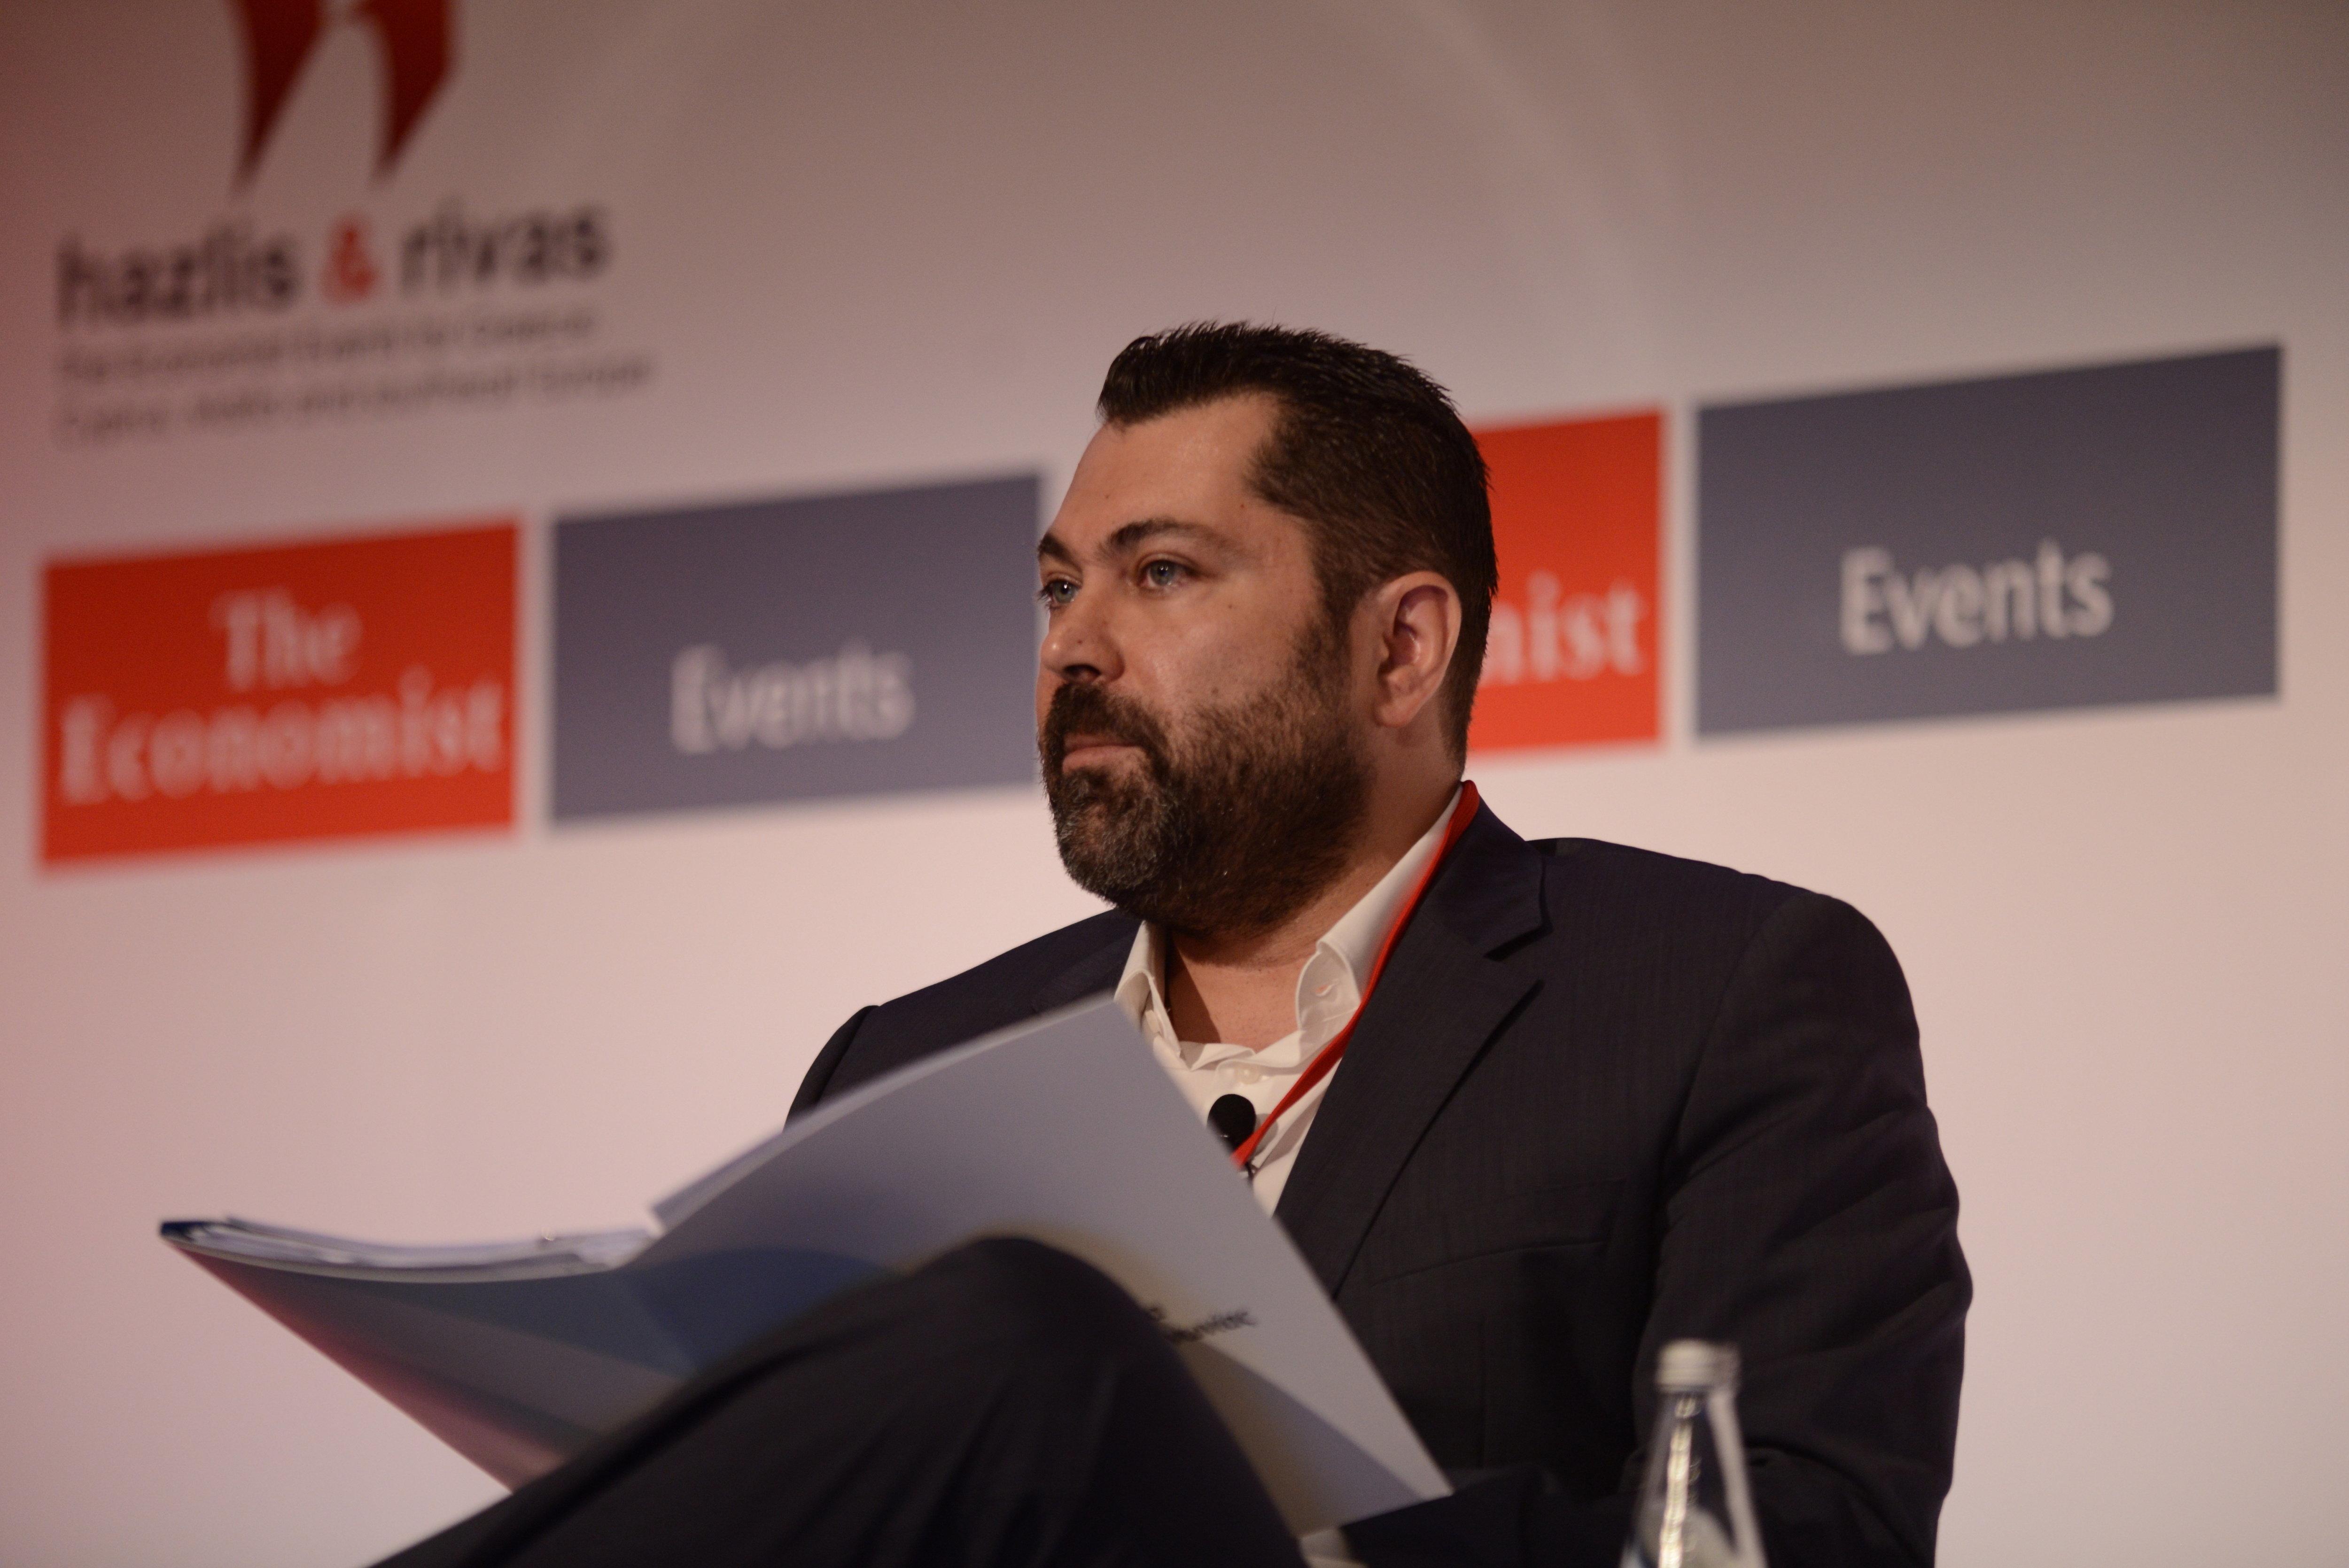 Κρέτσος: Οι εξελίξεις στο MEGA είναι μια δυσάρεστη